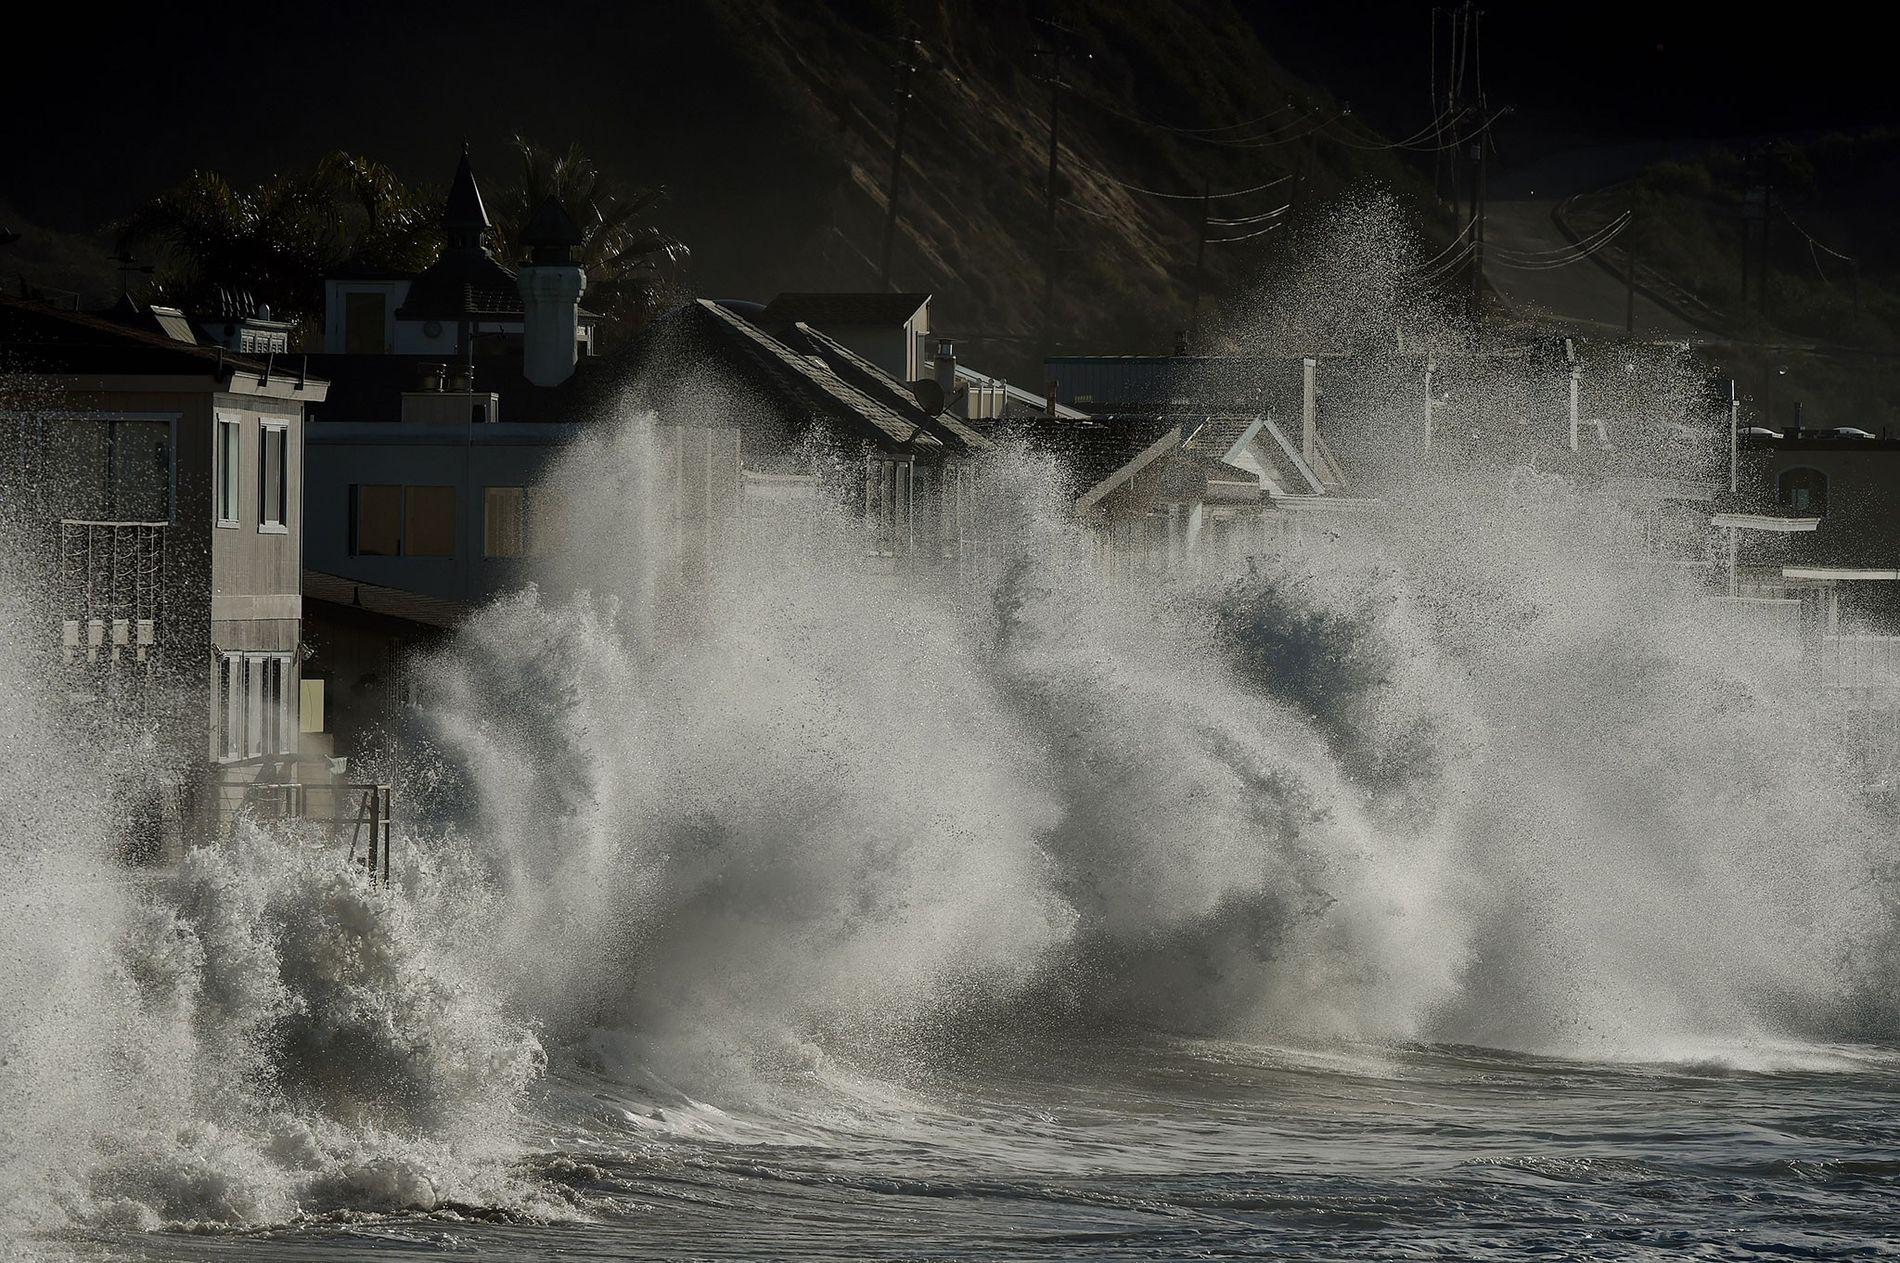 Las olas provocadas por la tormenta chocan contra las casas de playa en Mondos Beach, California, ...